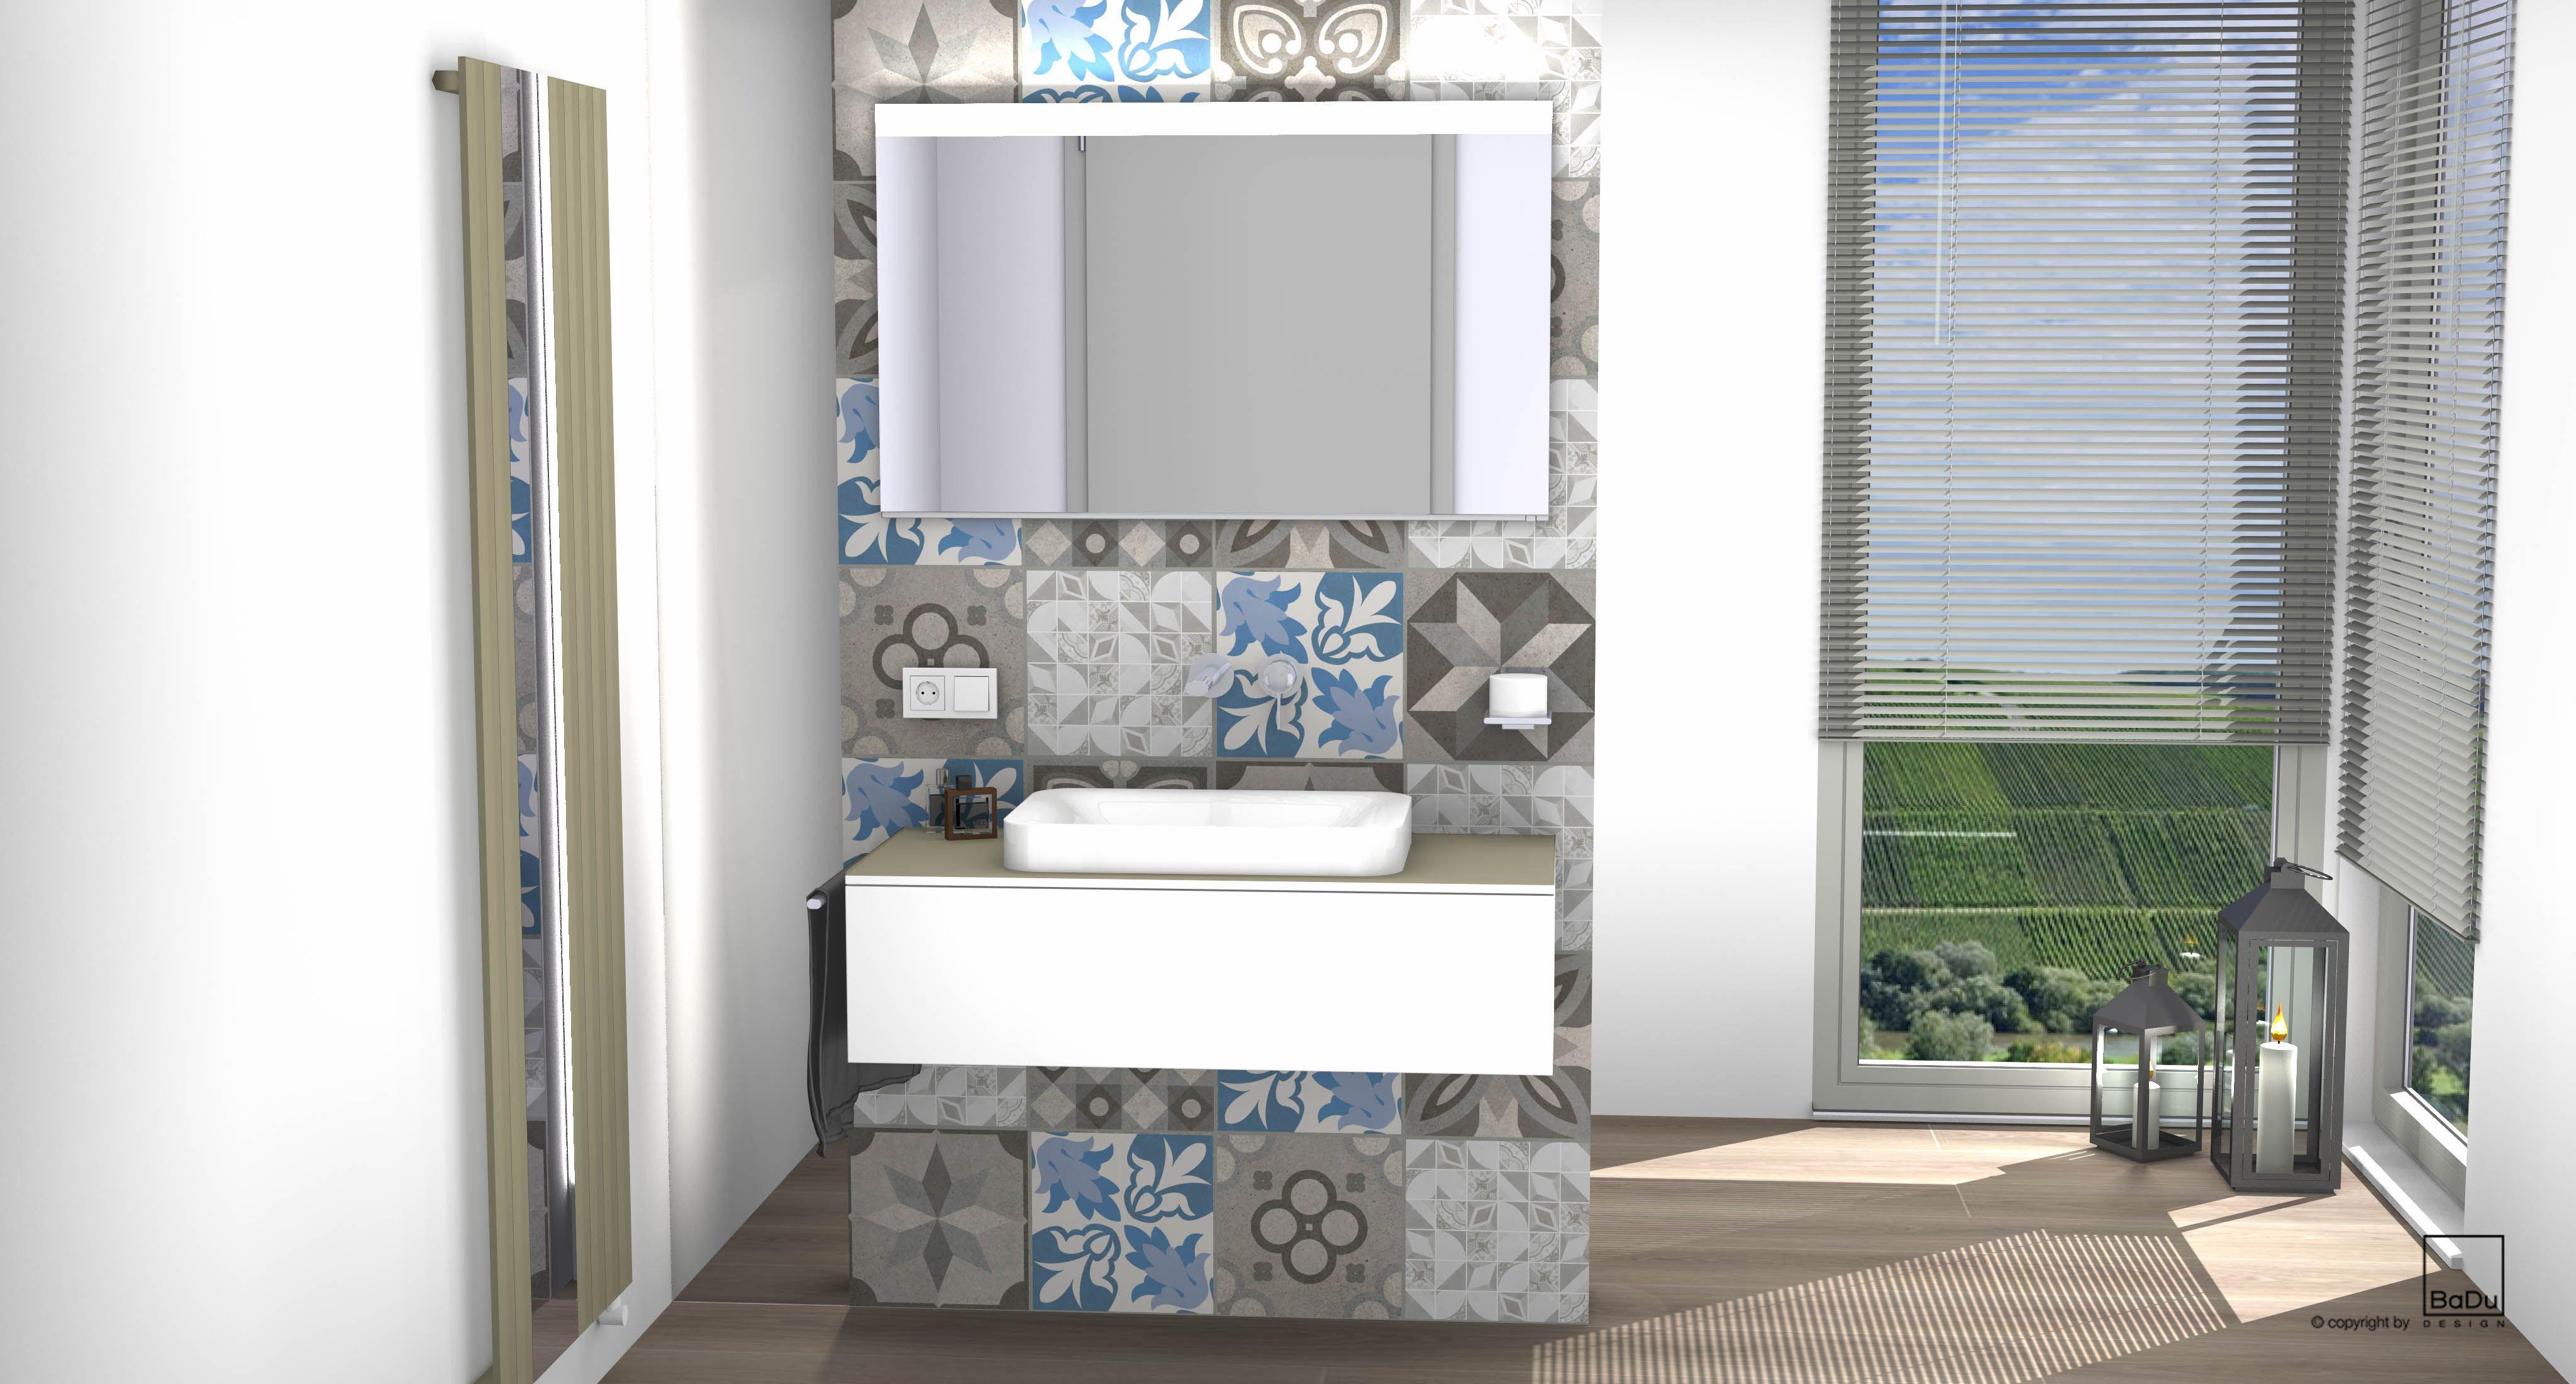 Design by BaDu #keuco #fliesen #badideen #badplanung #bathroom ...